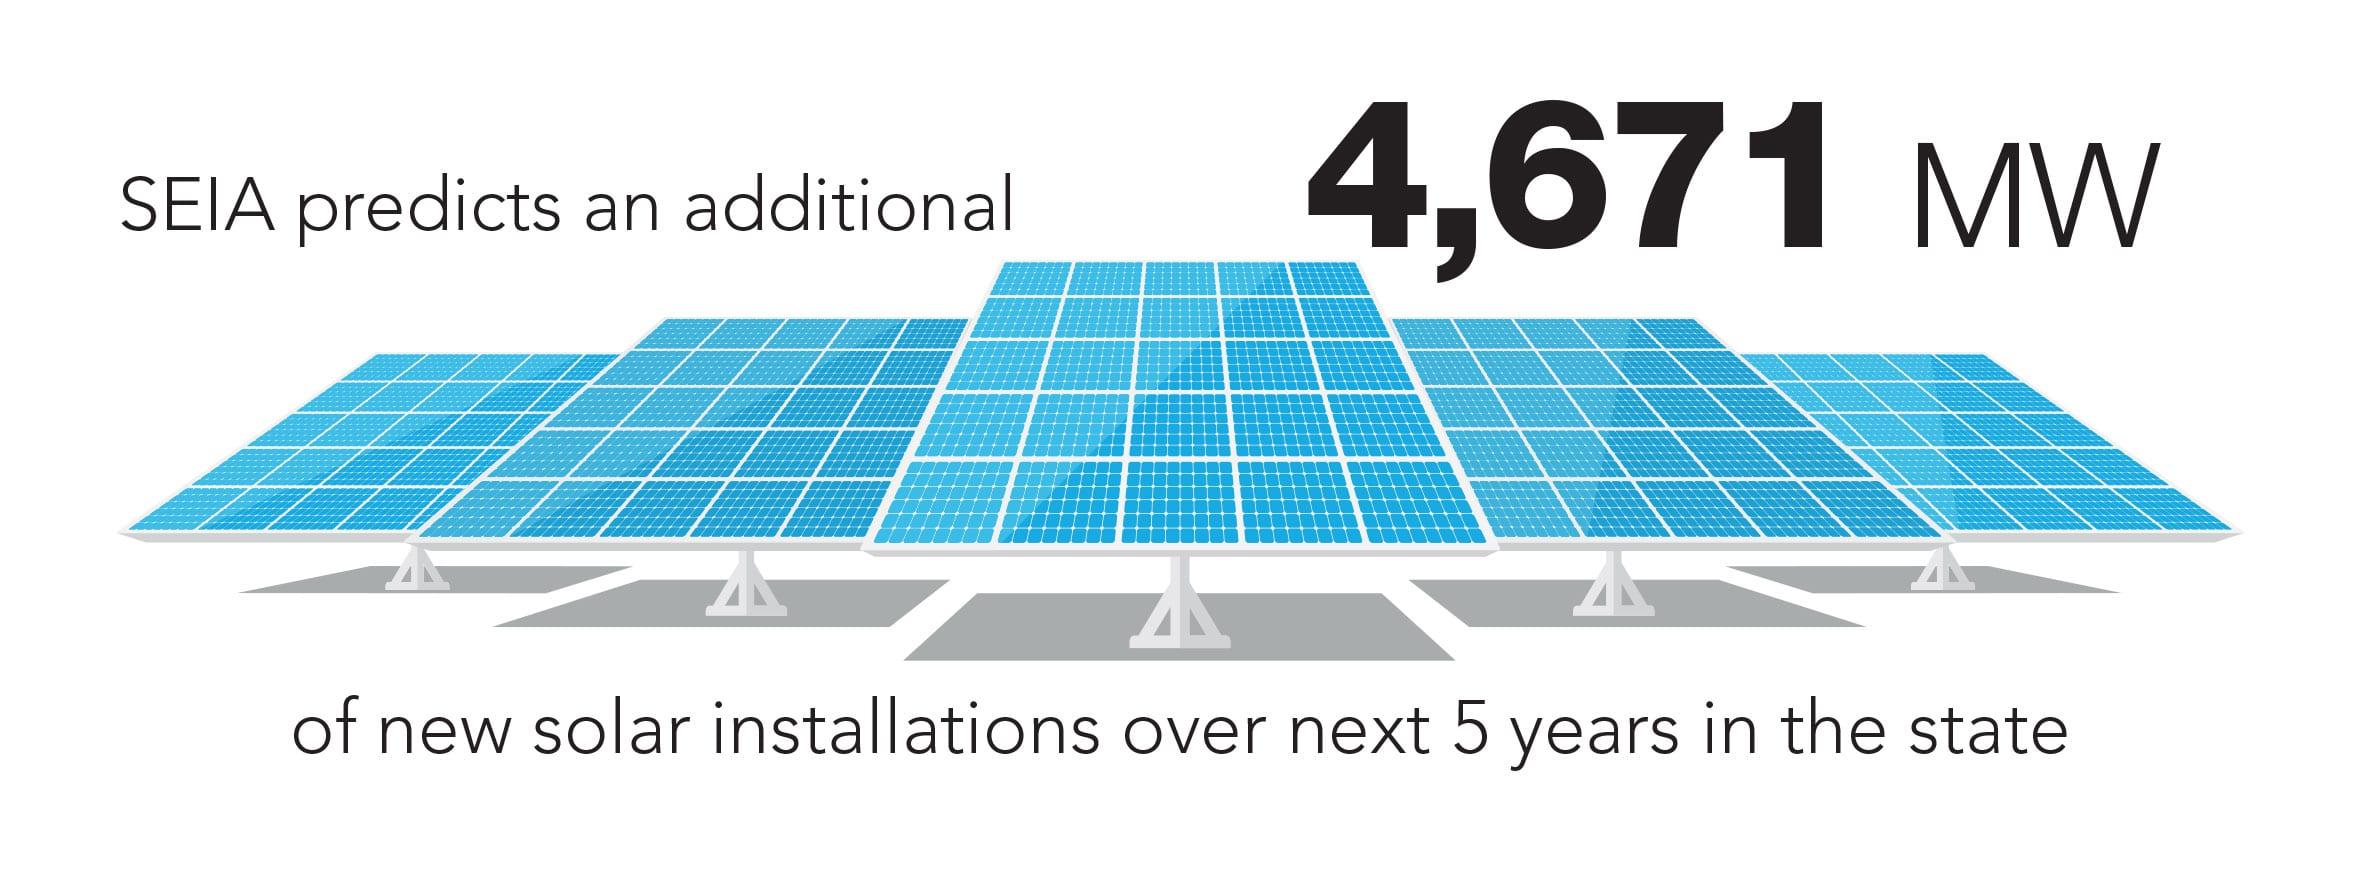 Texas Solar in 2018